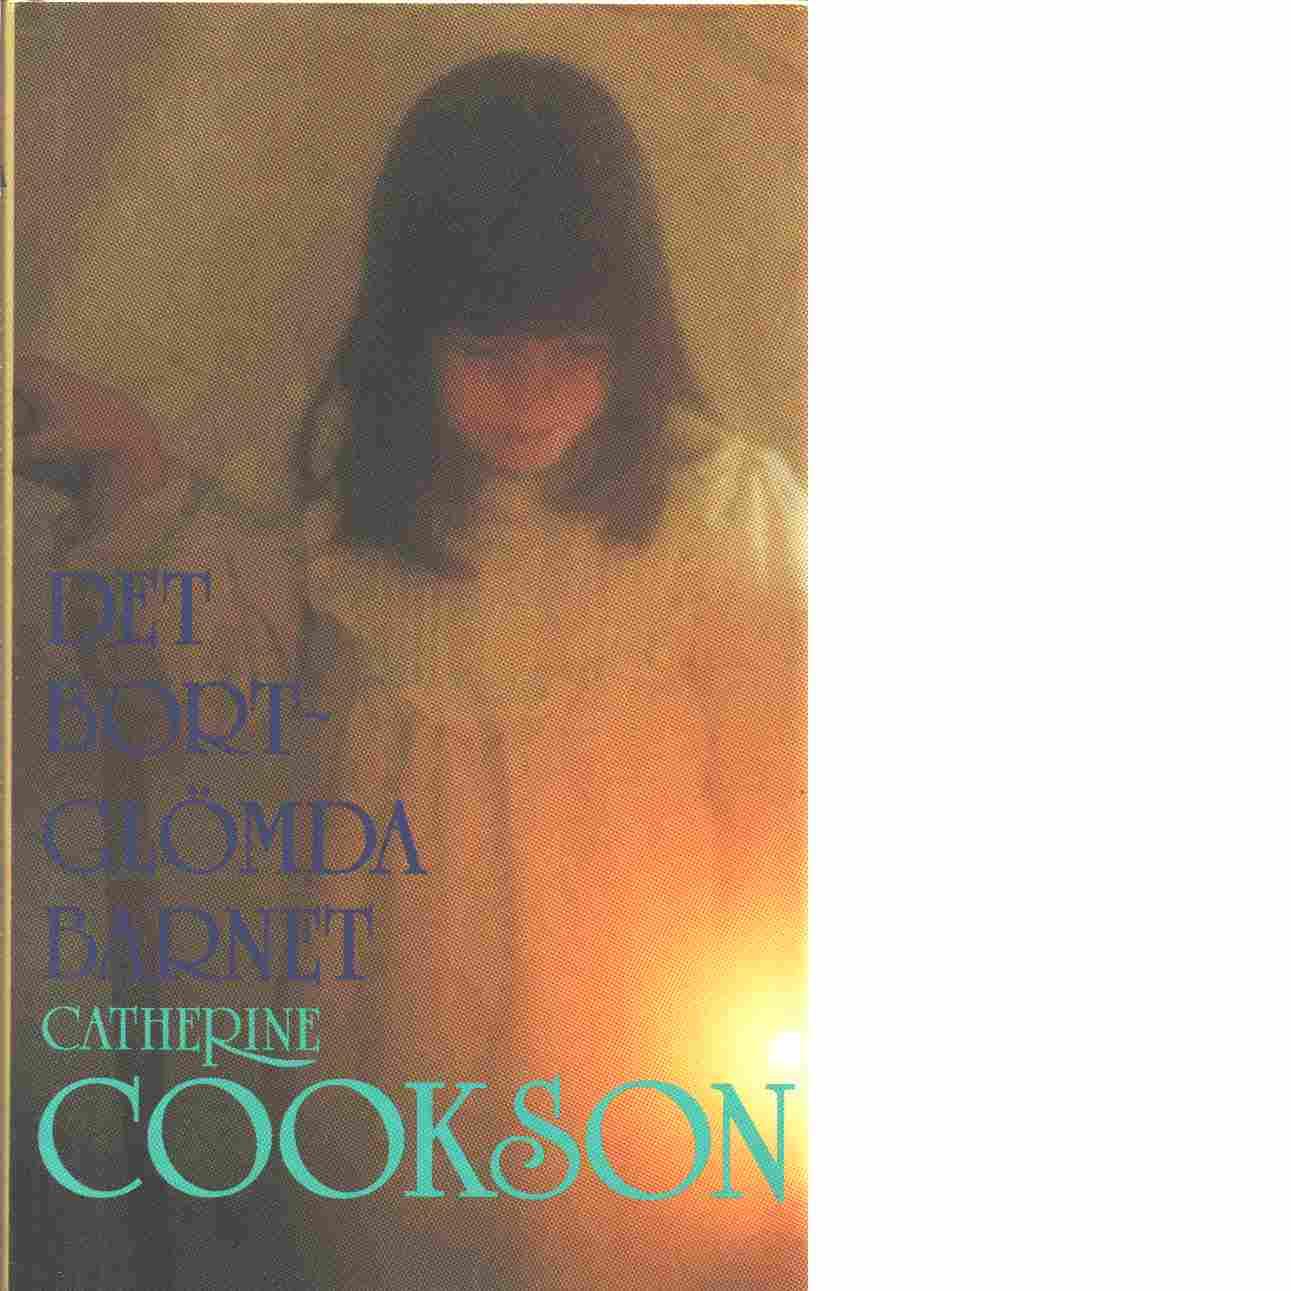 Det bortglömda barnet - Cookson, Catherine